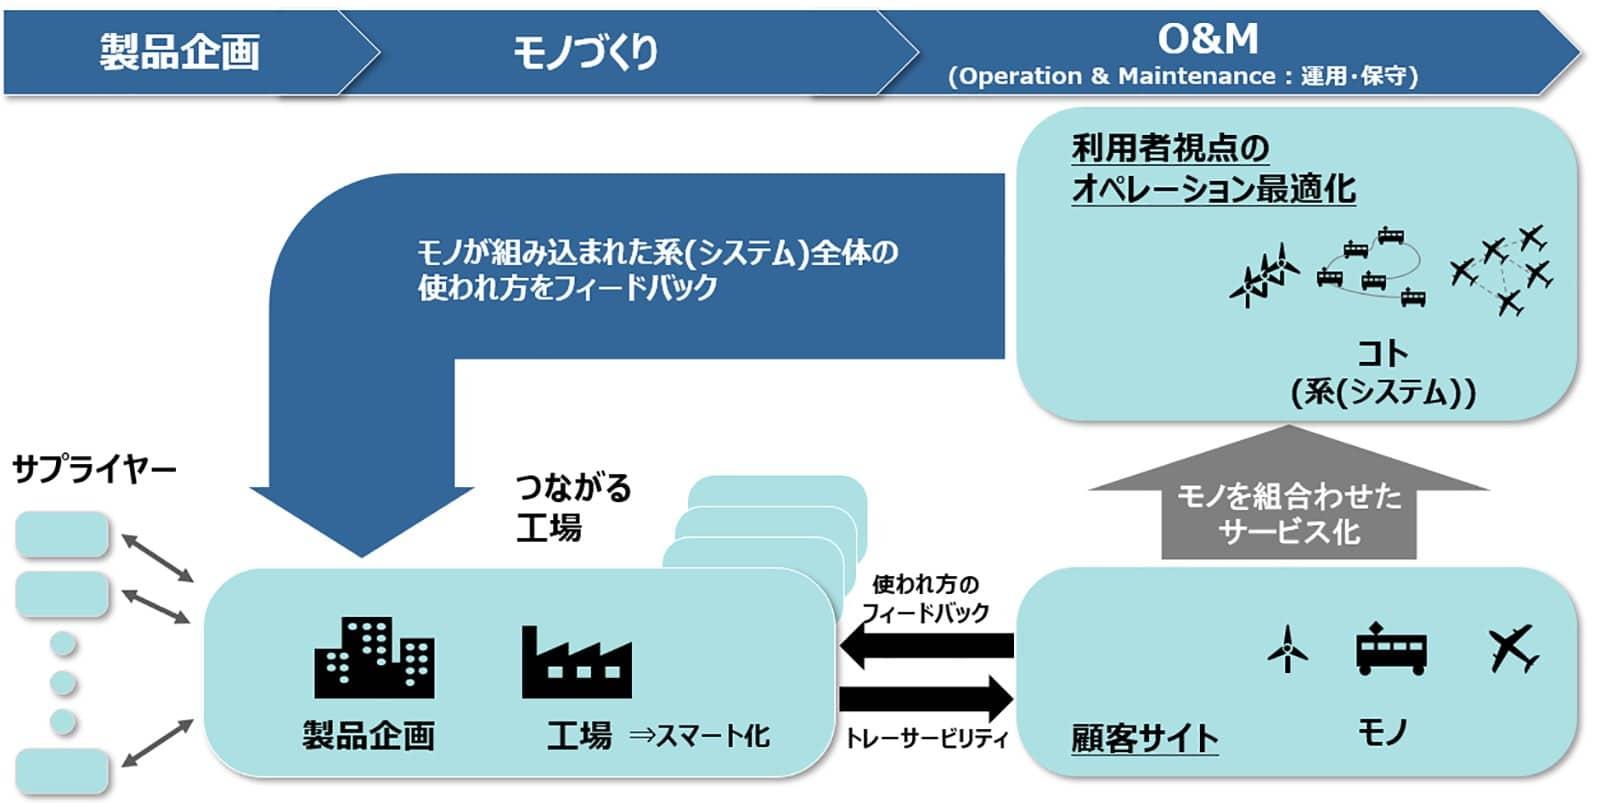 モノづくりのデジタル化は工場の中や工場のスマート化にとどまらない(著者作成)